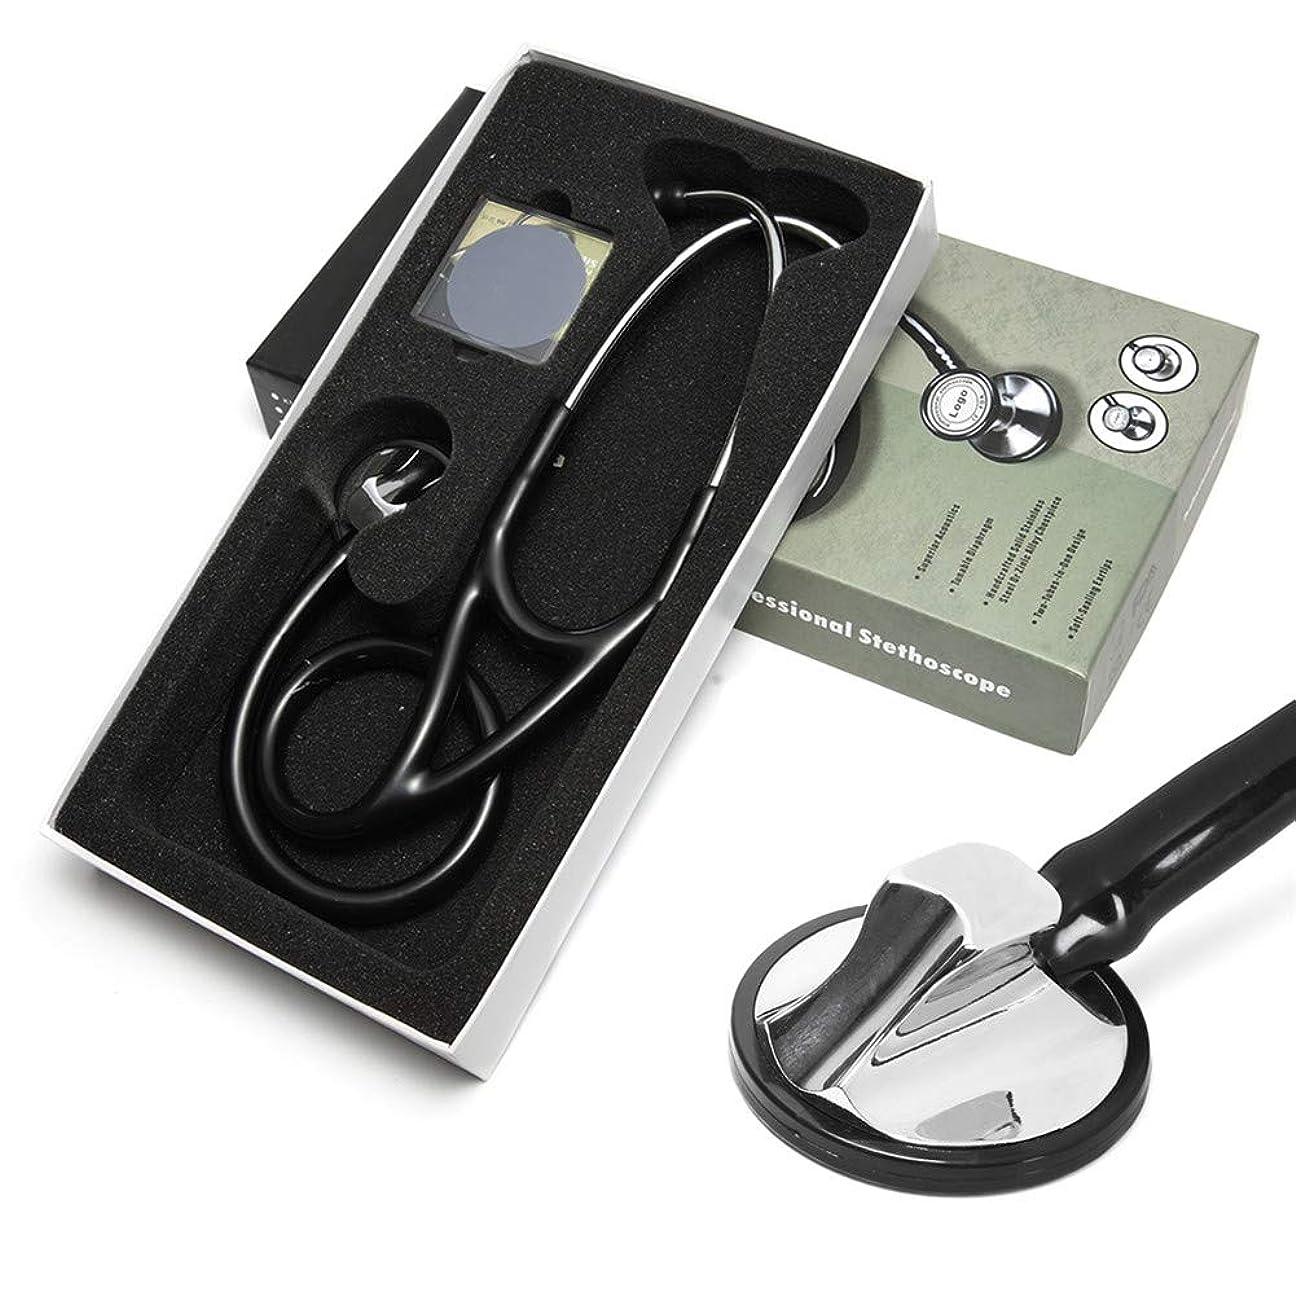 金銭的ひそかにヒロイック医者に適当な専門の聴診器の心臓病の聴診器の監視聴診器の緊急装置